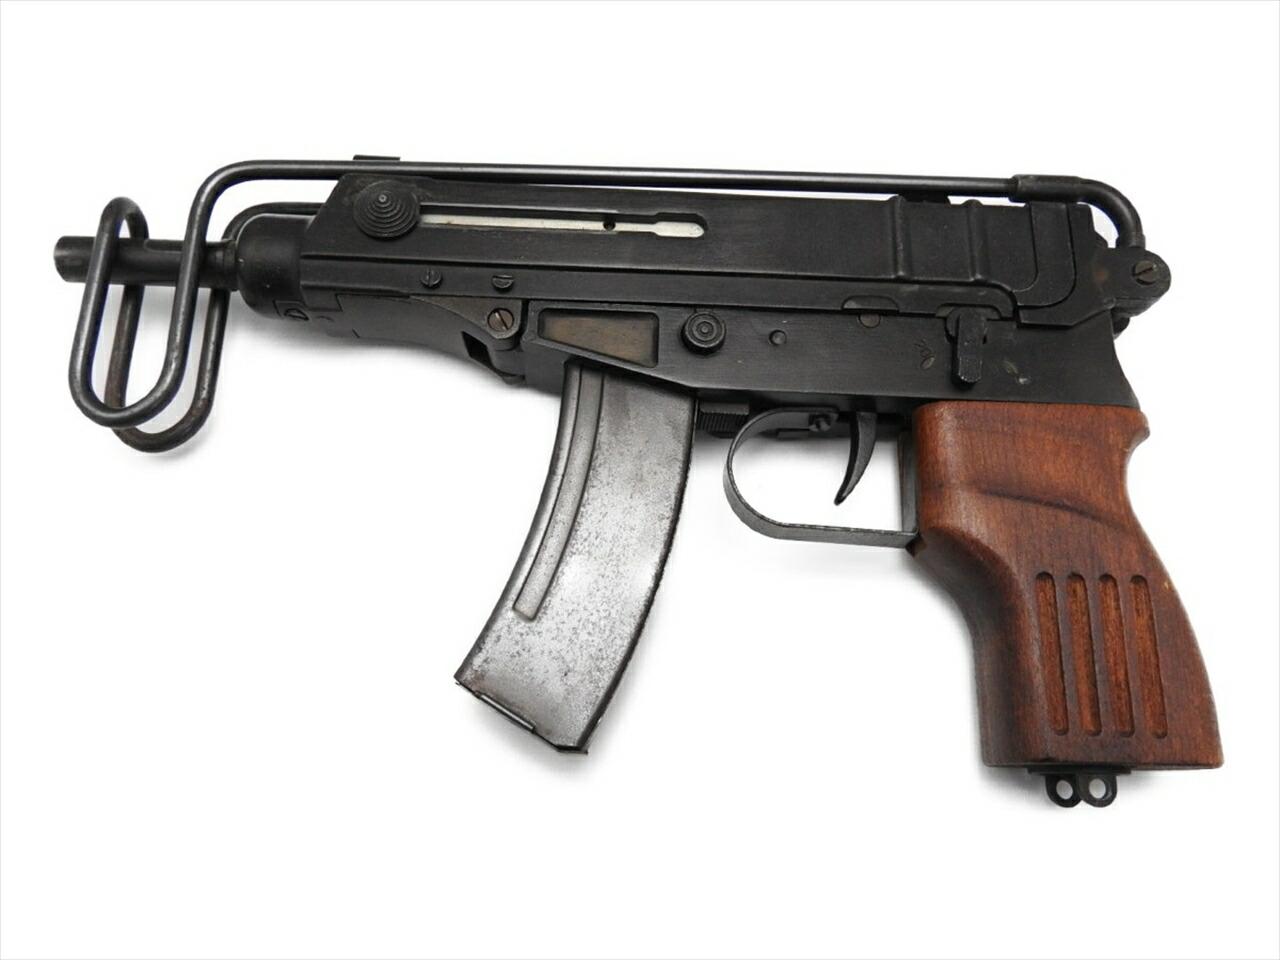 中古 モデルガン VZ61 絶版品 スコーピオン 未発火 ハドソン 木製グリップ付 金属製 美品